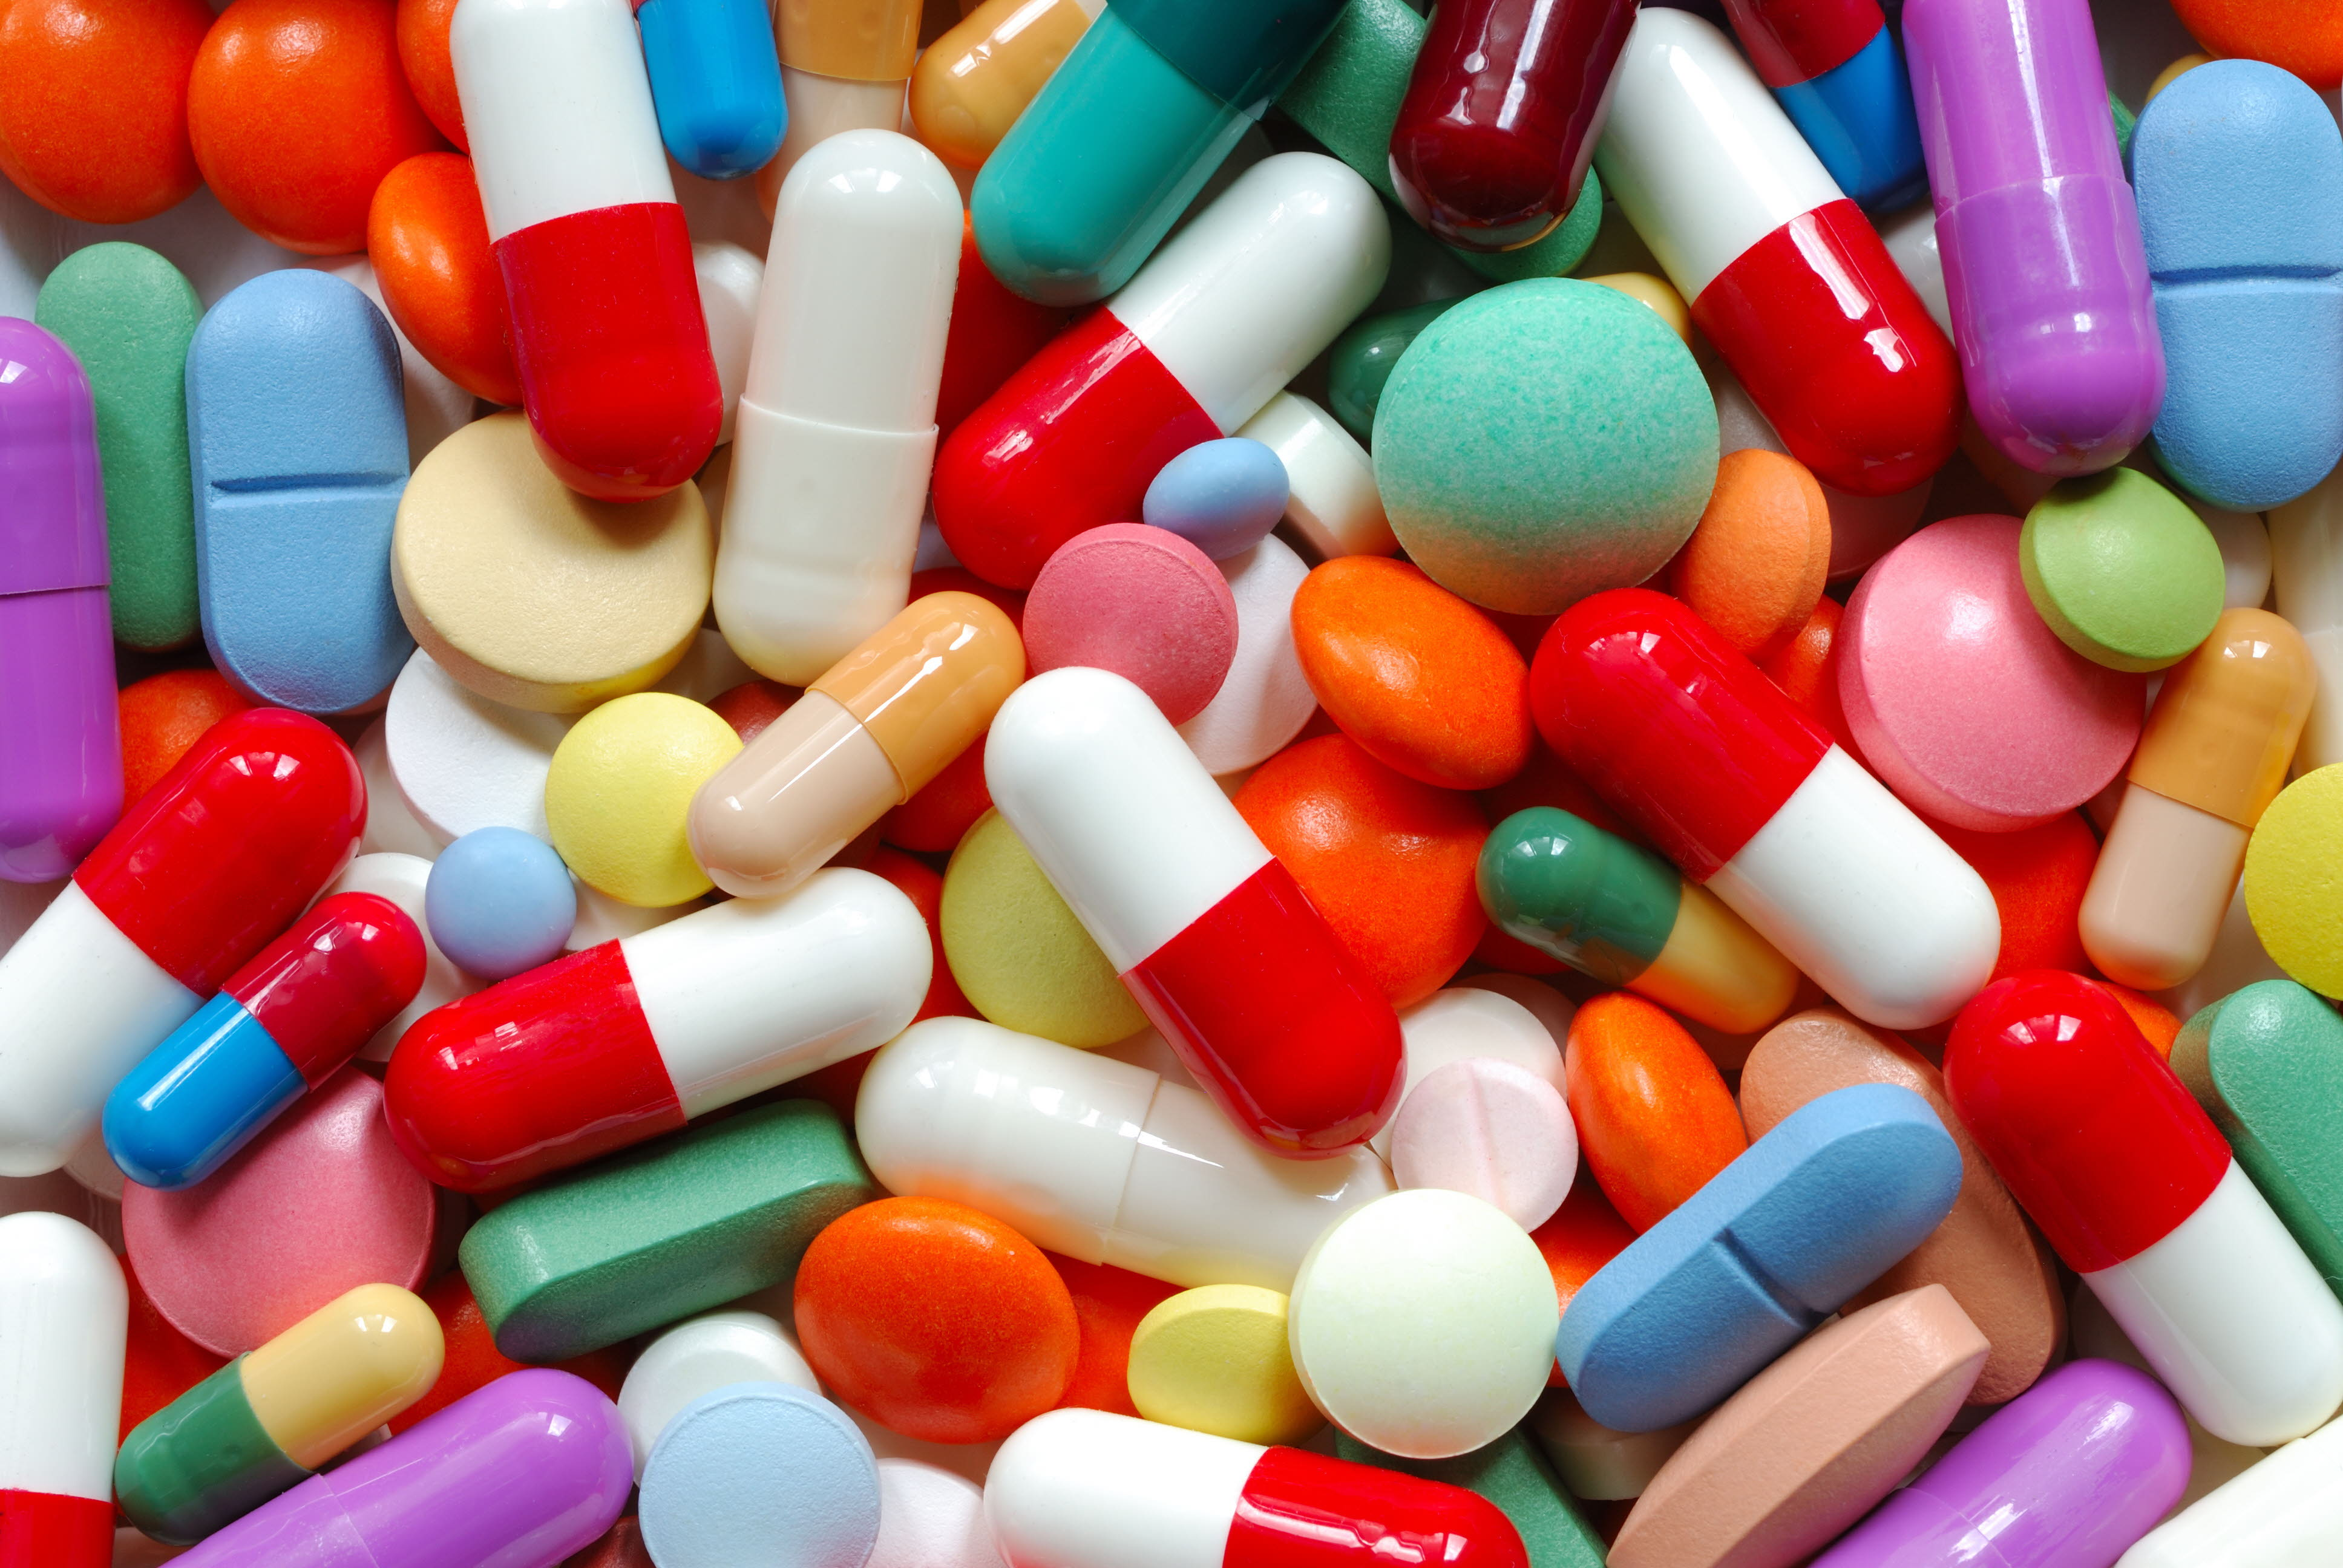 Acceso universal a medicamentos escenciales mejoraría sustancialmente la salud de canadienses, señalan estudios